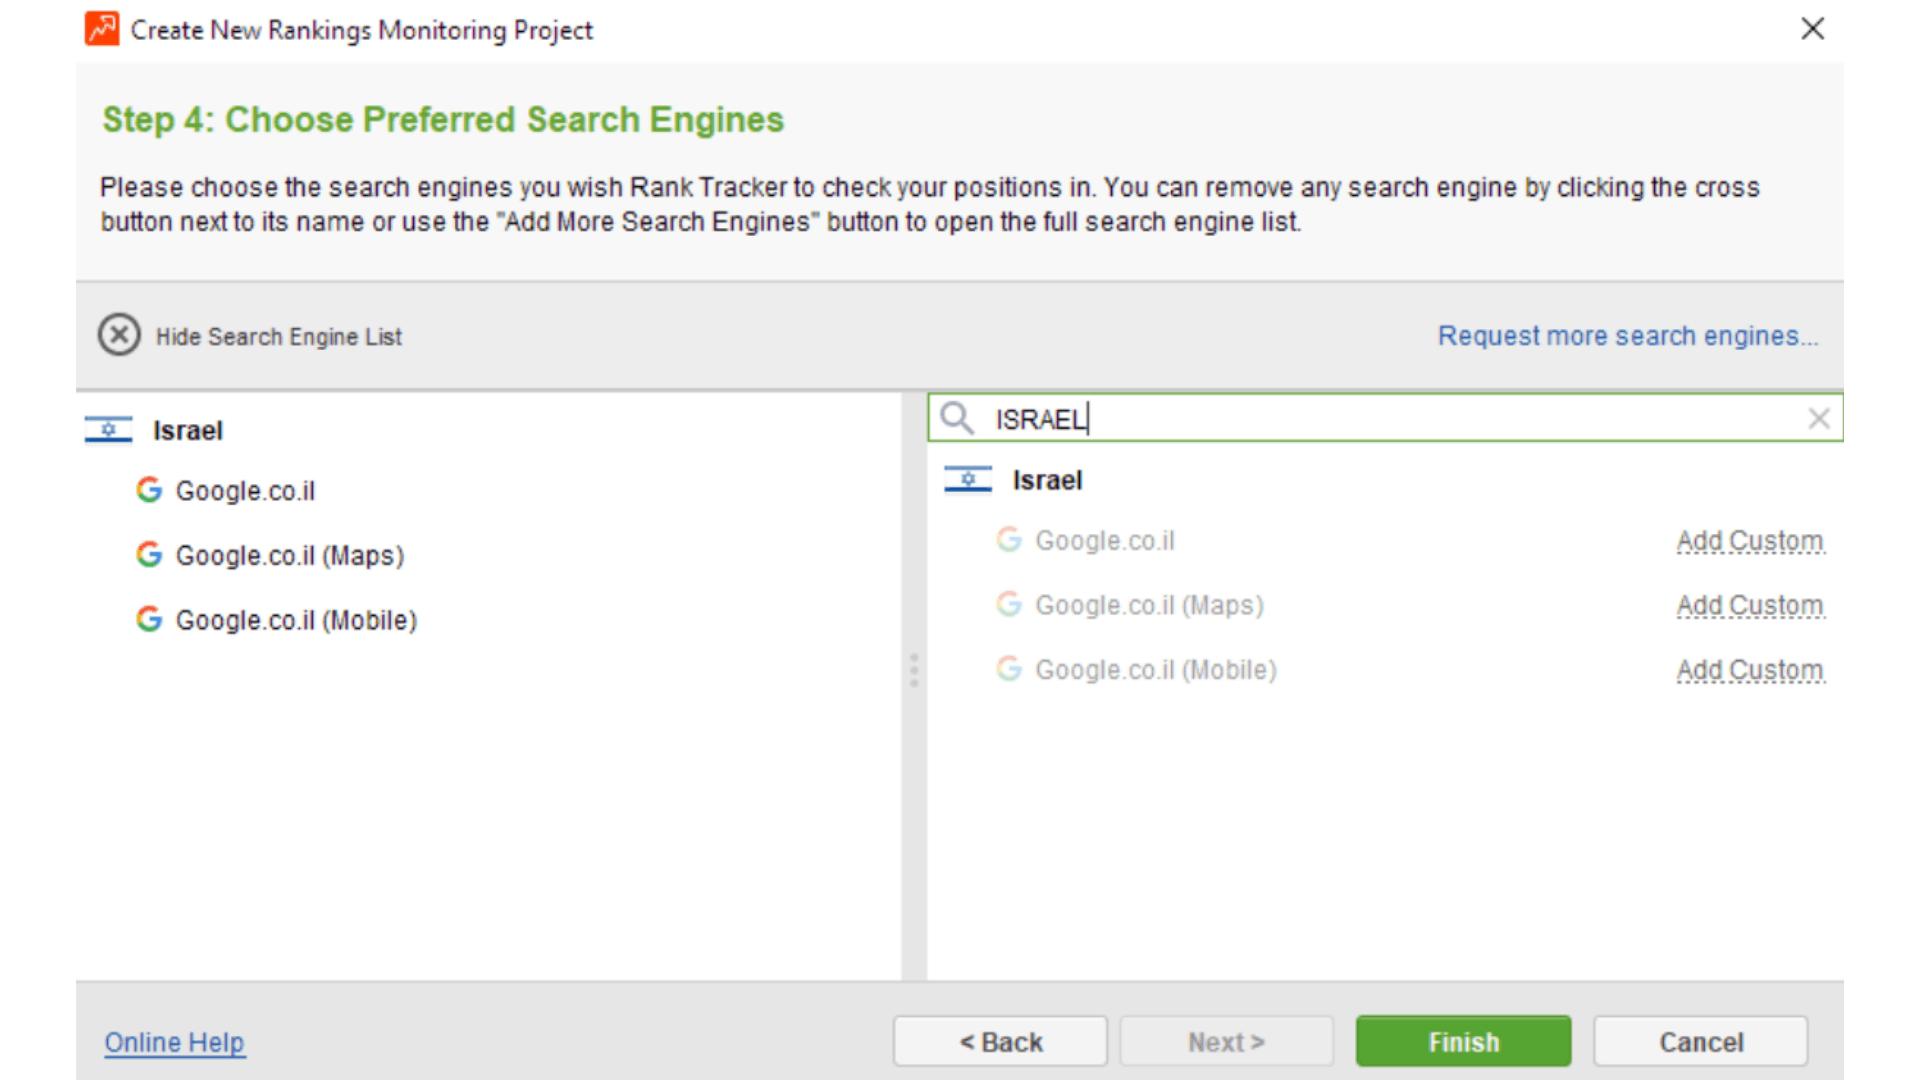 אגב, קידום נכון דרך גוגל מפות יכול לשפר מיקומים של האתר שלך בתוצאות חיפוש אורגניות.